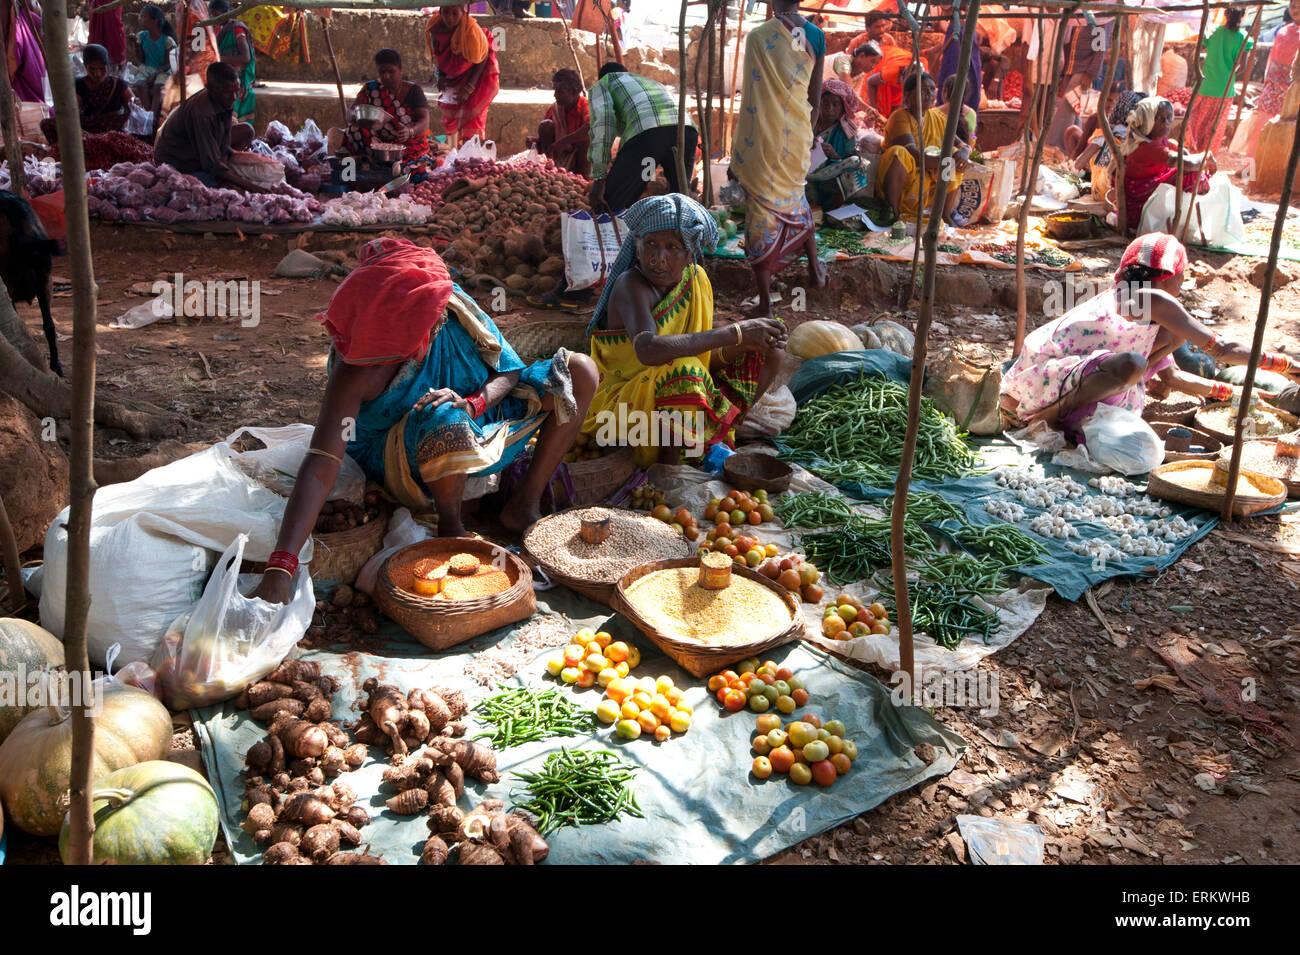 Gemüsestände in Mali Stammes-Wochenmarkt, Guneipada, Koraput Bezirk, Orissa (Odisha), Indien, Asien Stockbild